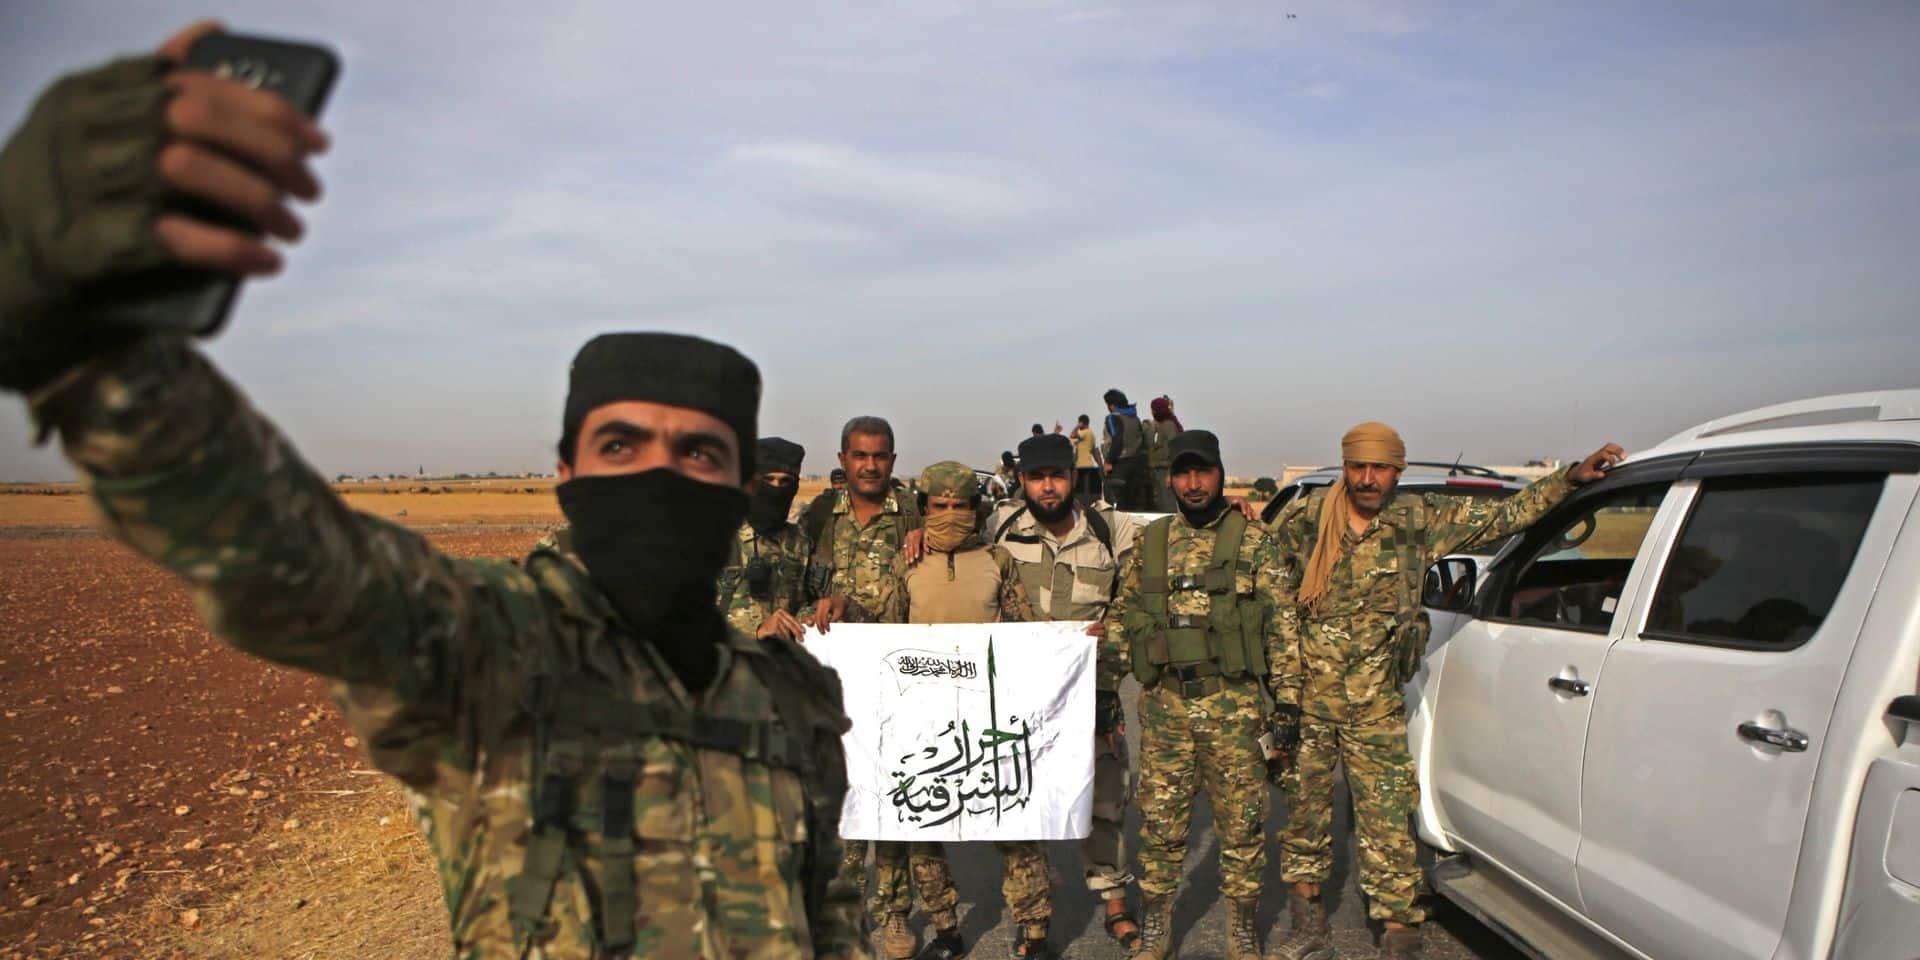 (Cette photo AFP représente l'un des groupes de miliciens accompagnant l'offensive turque, mais pas celui qui est mentionné dans l'article, ndlr).